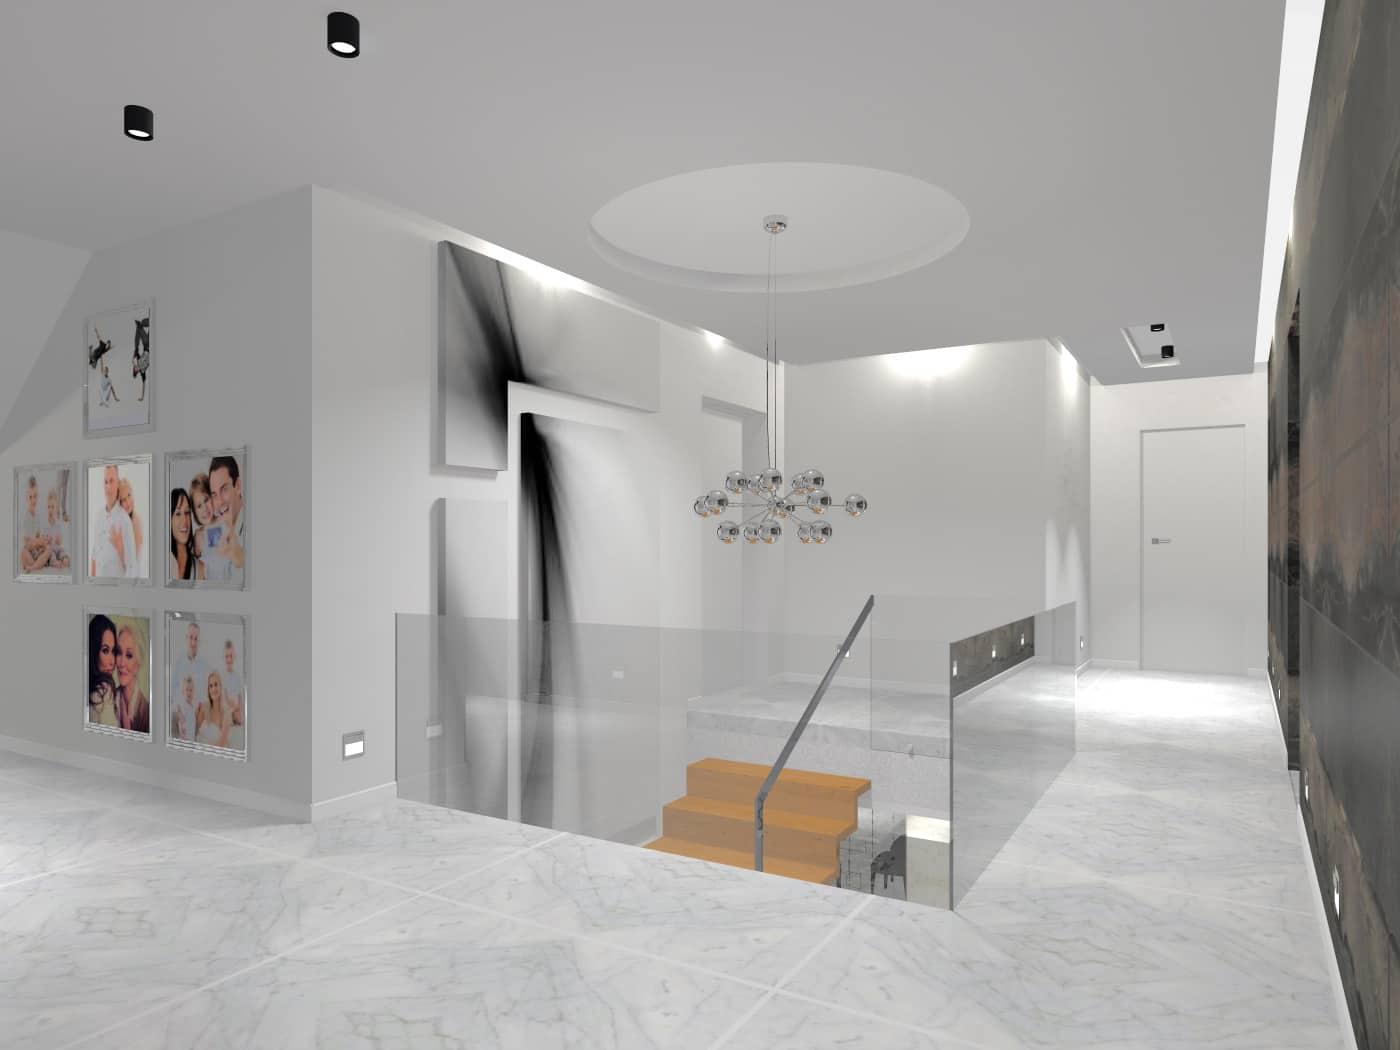 Bohema Design, wnętrze stylowej przestrzeni ze schodami.